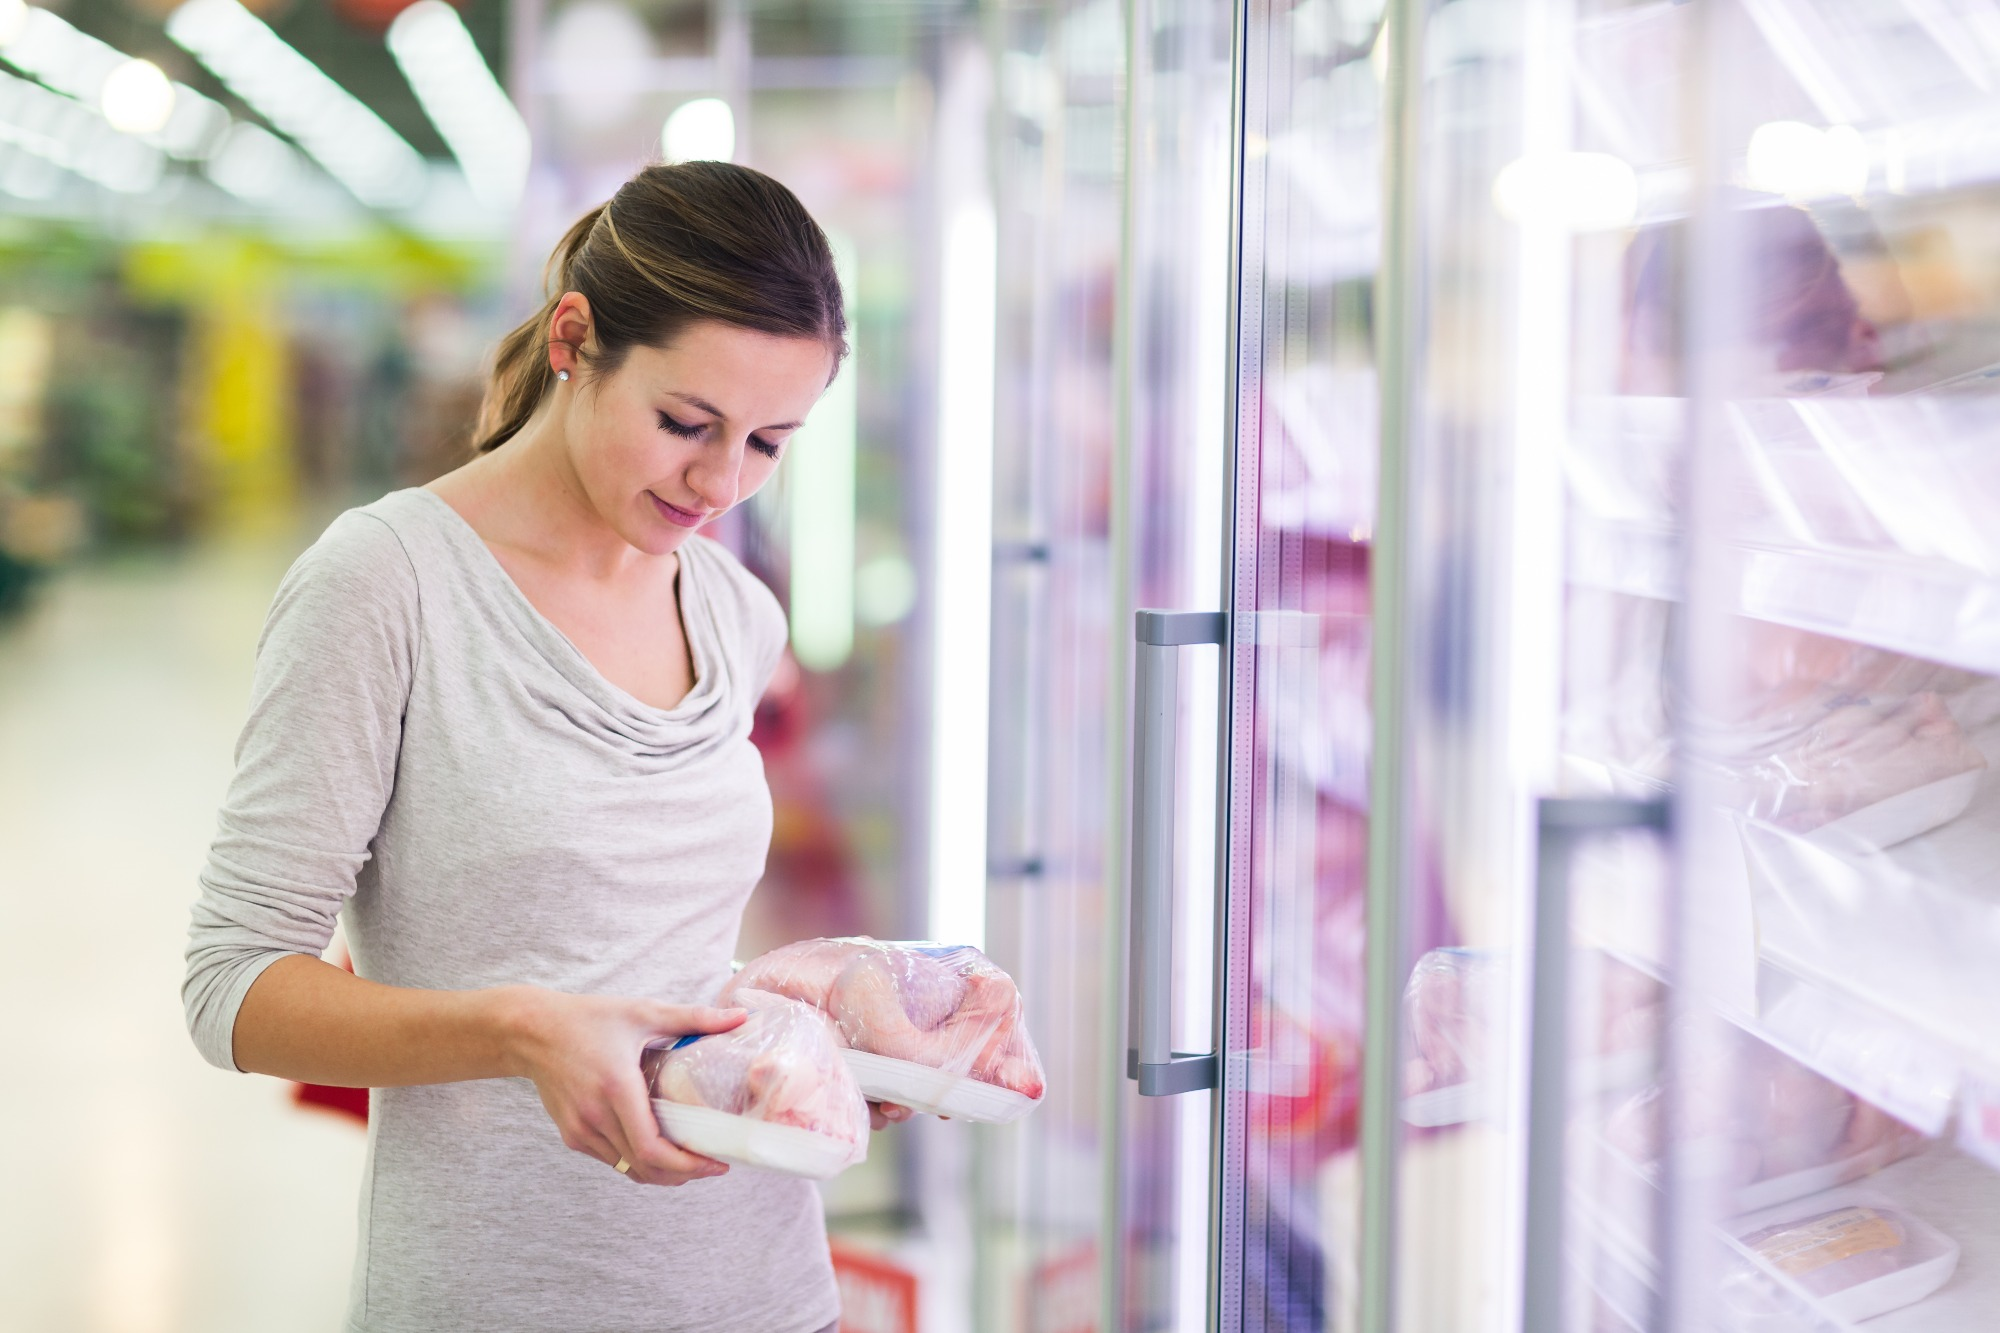 Indústrias de alimentos podem ter o selo de bem-estar animal